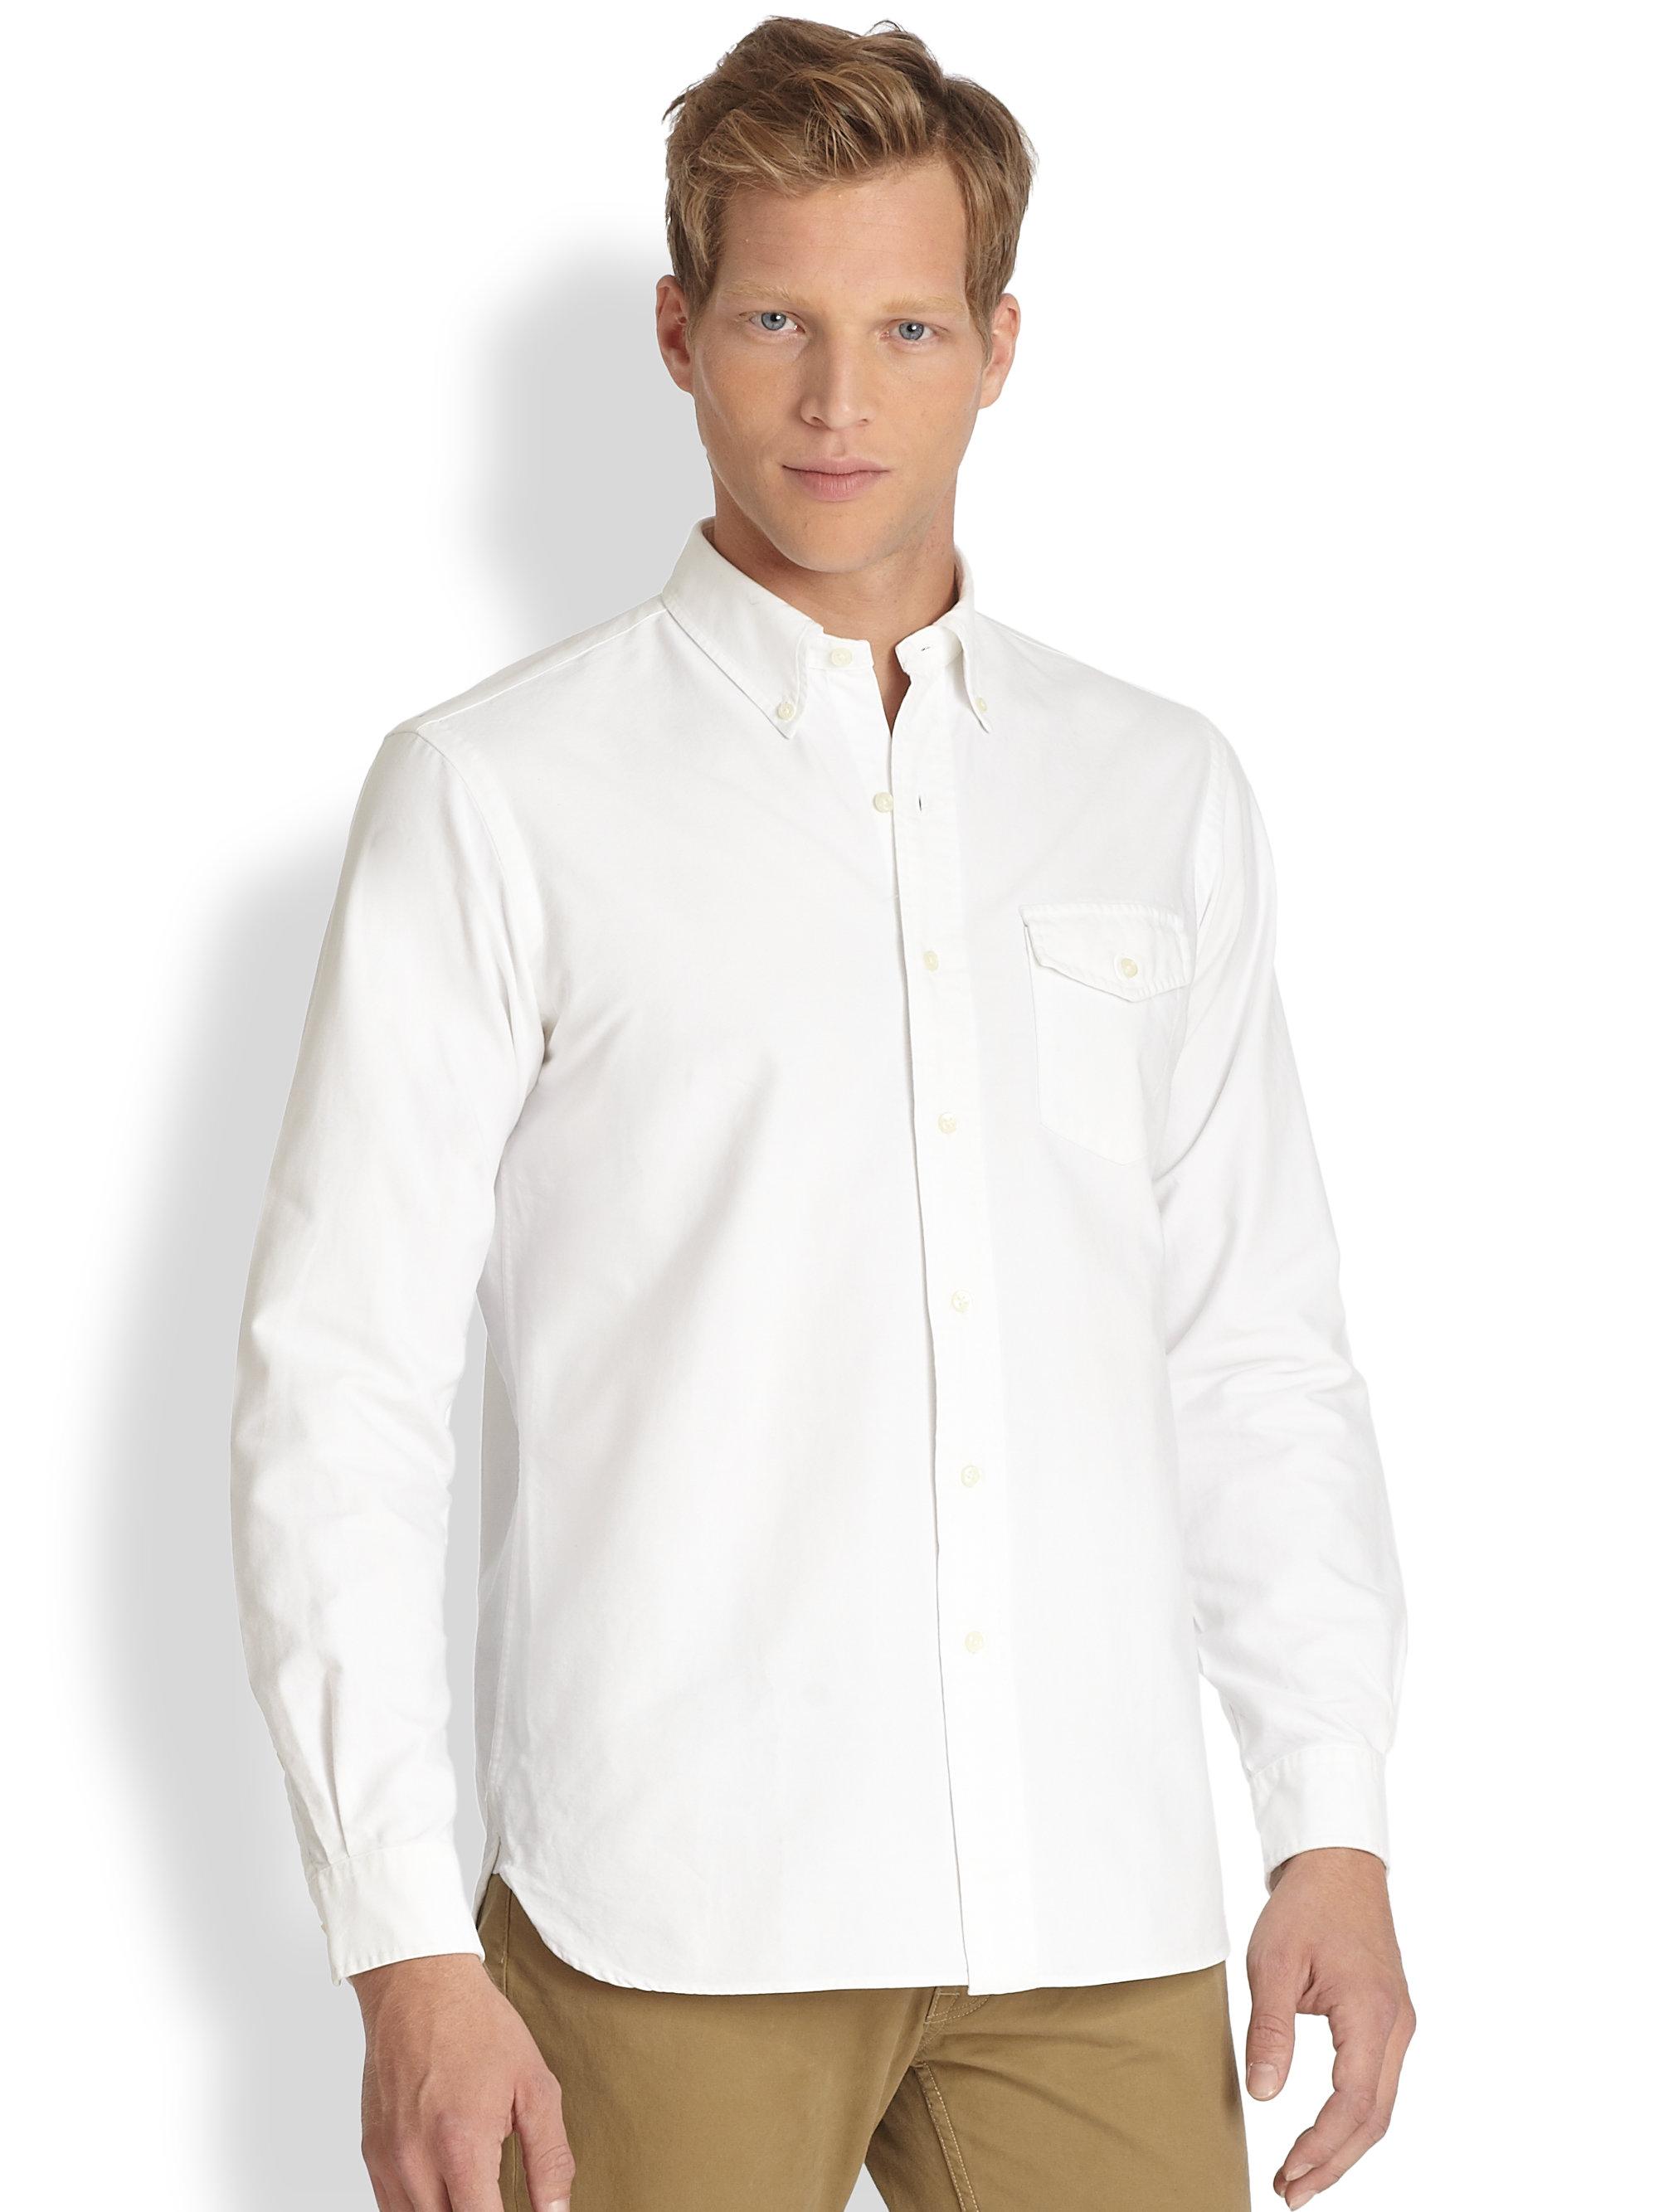 Polo ralph lauren oxford pocket shirt in white for men lyst for White oxford shirt mens